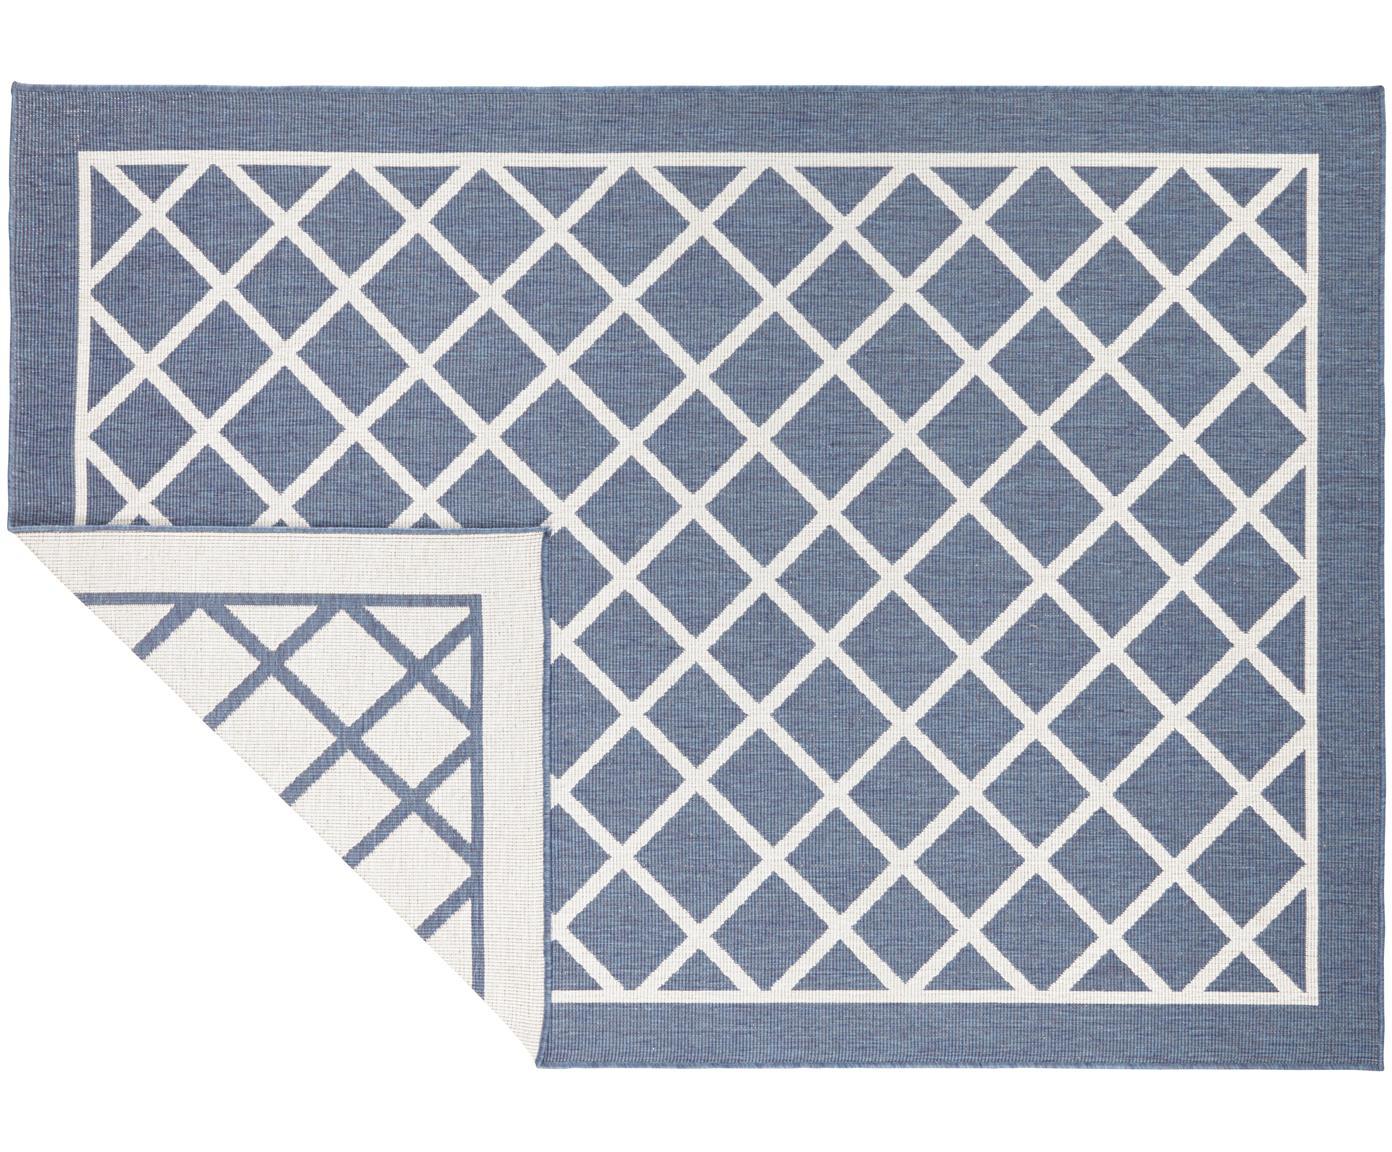 In- und Outdoor-Wendeteppich Sydney mit Rautenmuster in Blau/Creme, Blau, Creme, B 120 x L 170 cm (Größe S)